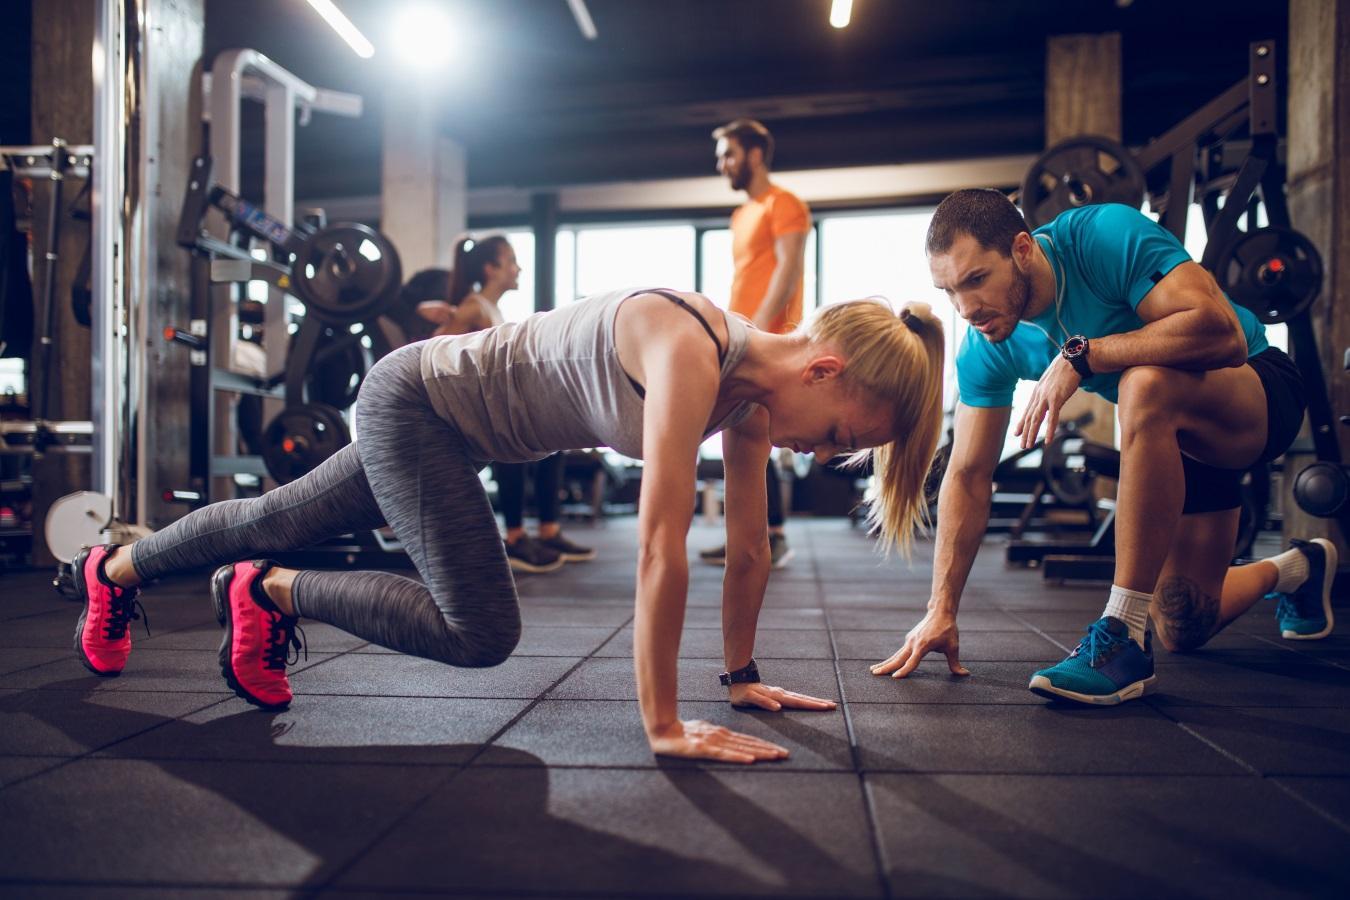 Российскому рынку фитнес-индустрии предрекли потерю до 15% игроков без господдержки